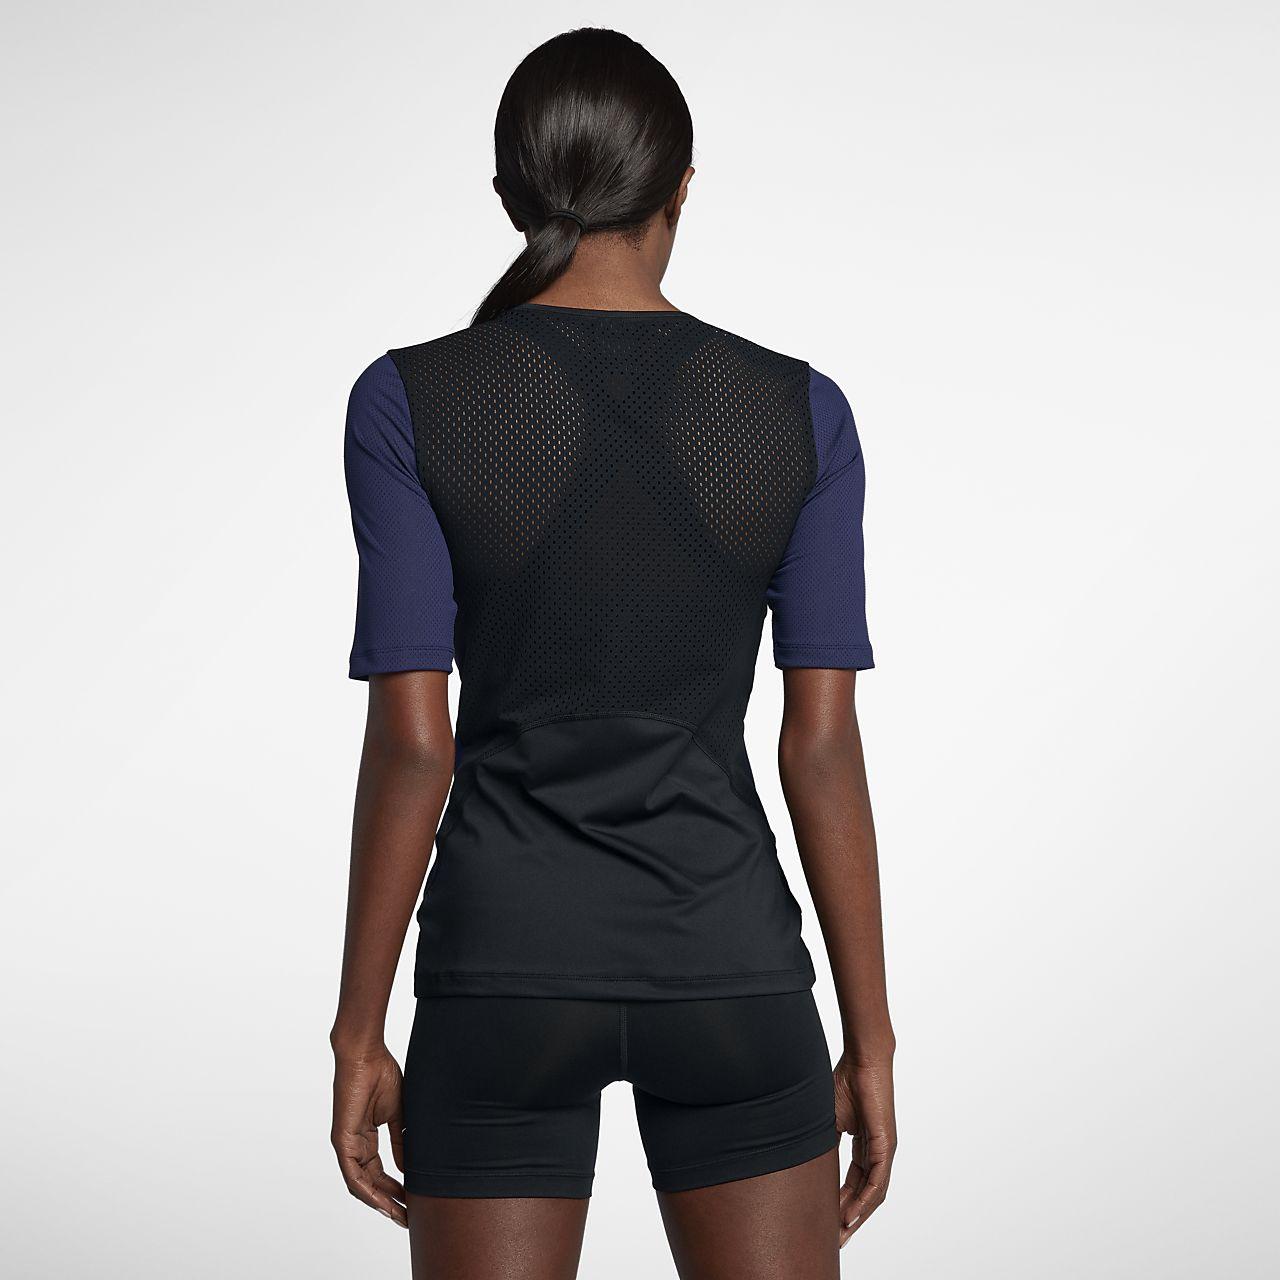 ... Nike Pro HyperCool Women's Short Sleeve Training Top